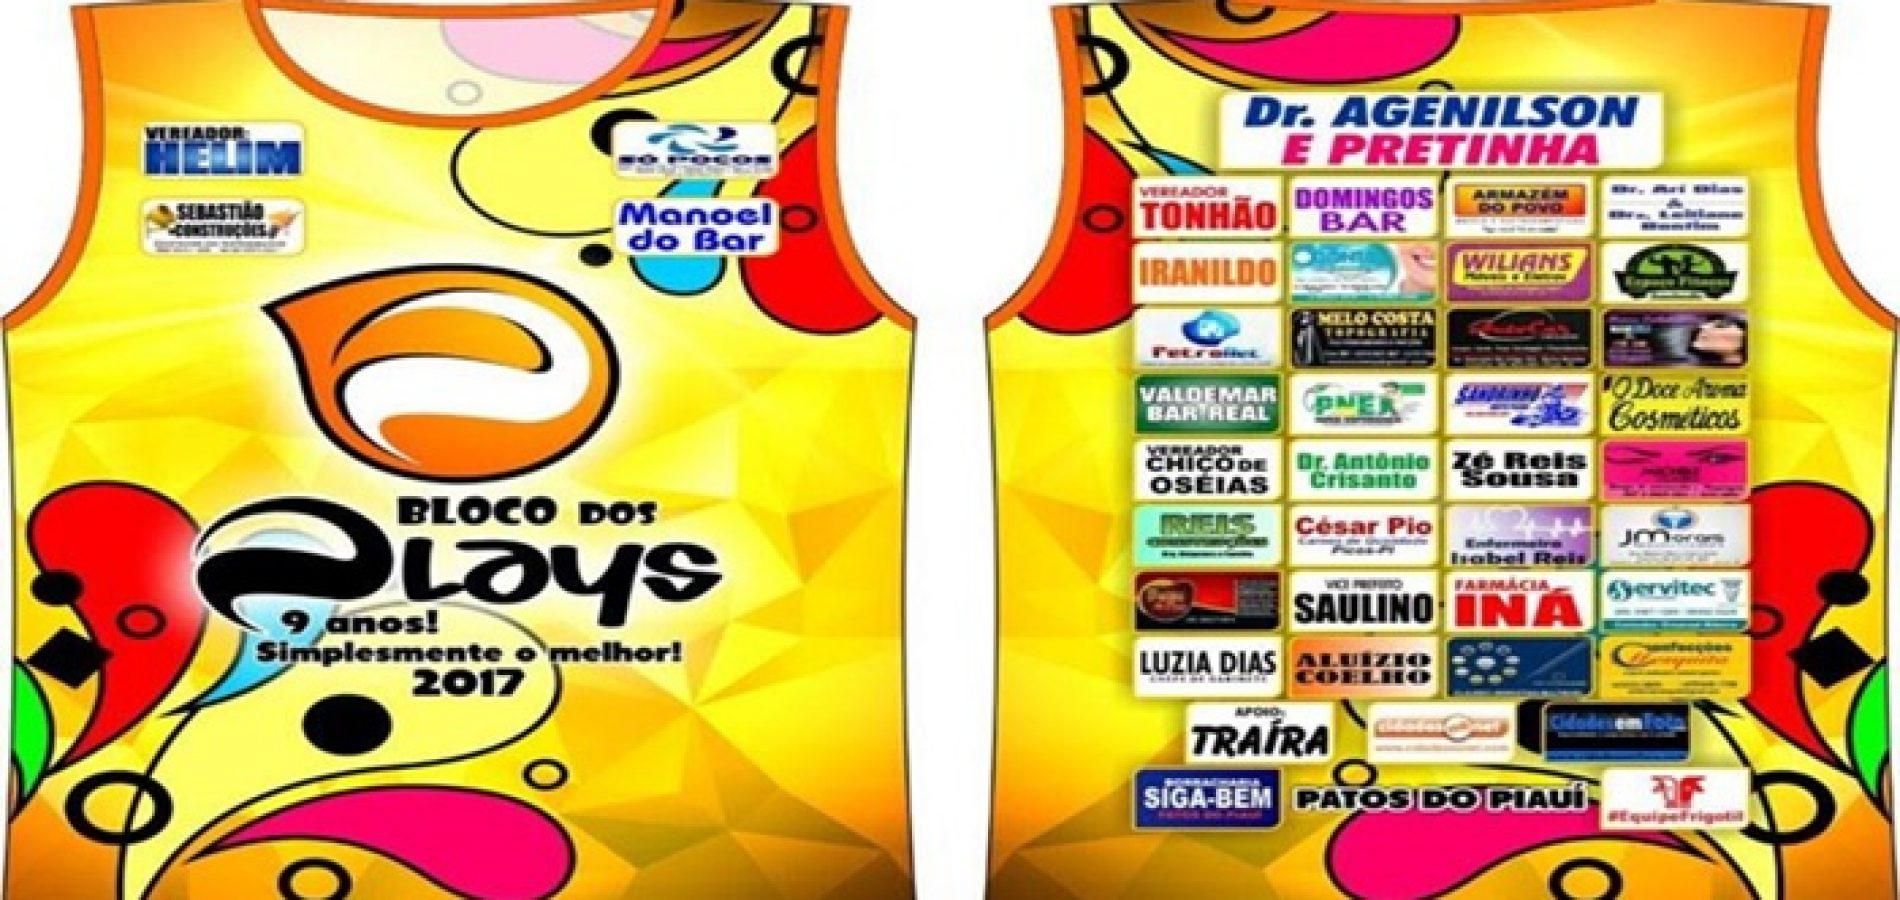 Bloco dos Plays de Patos do Piauí se prepara para  9º ano de  carnaval